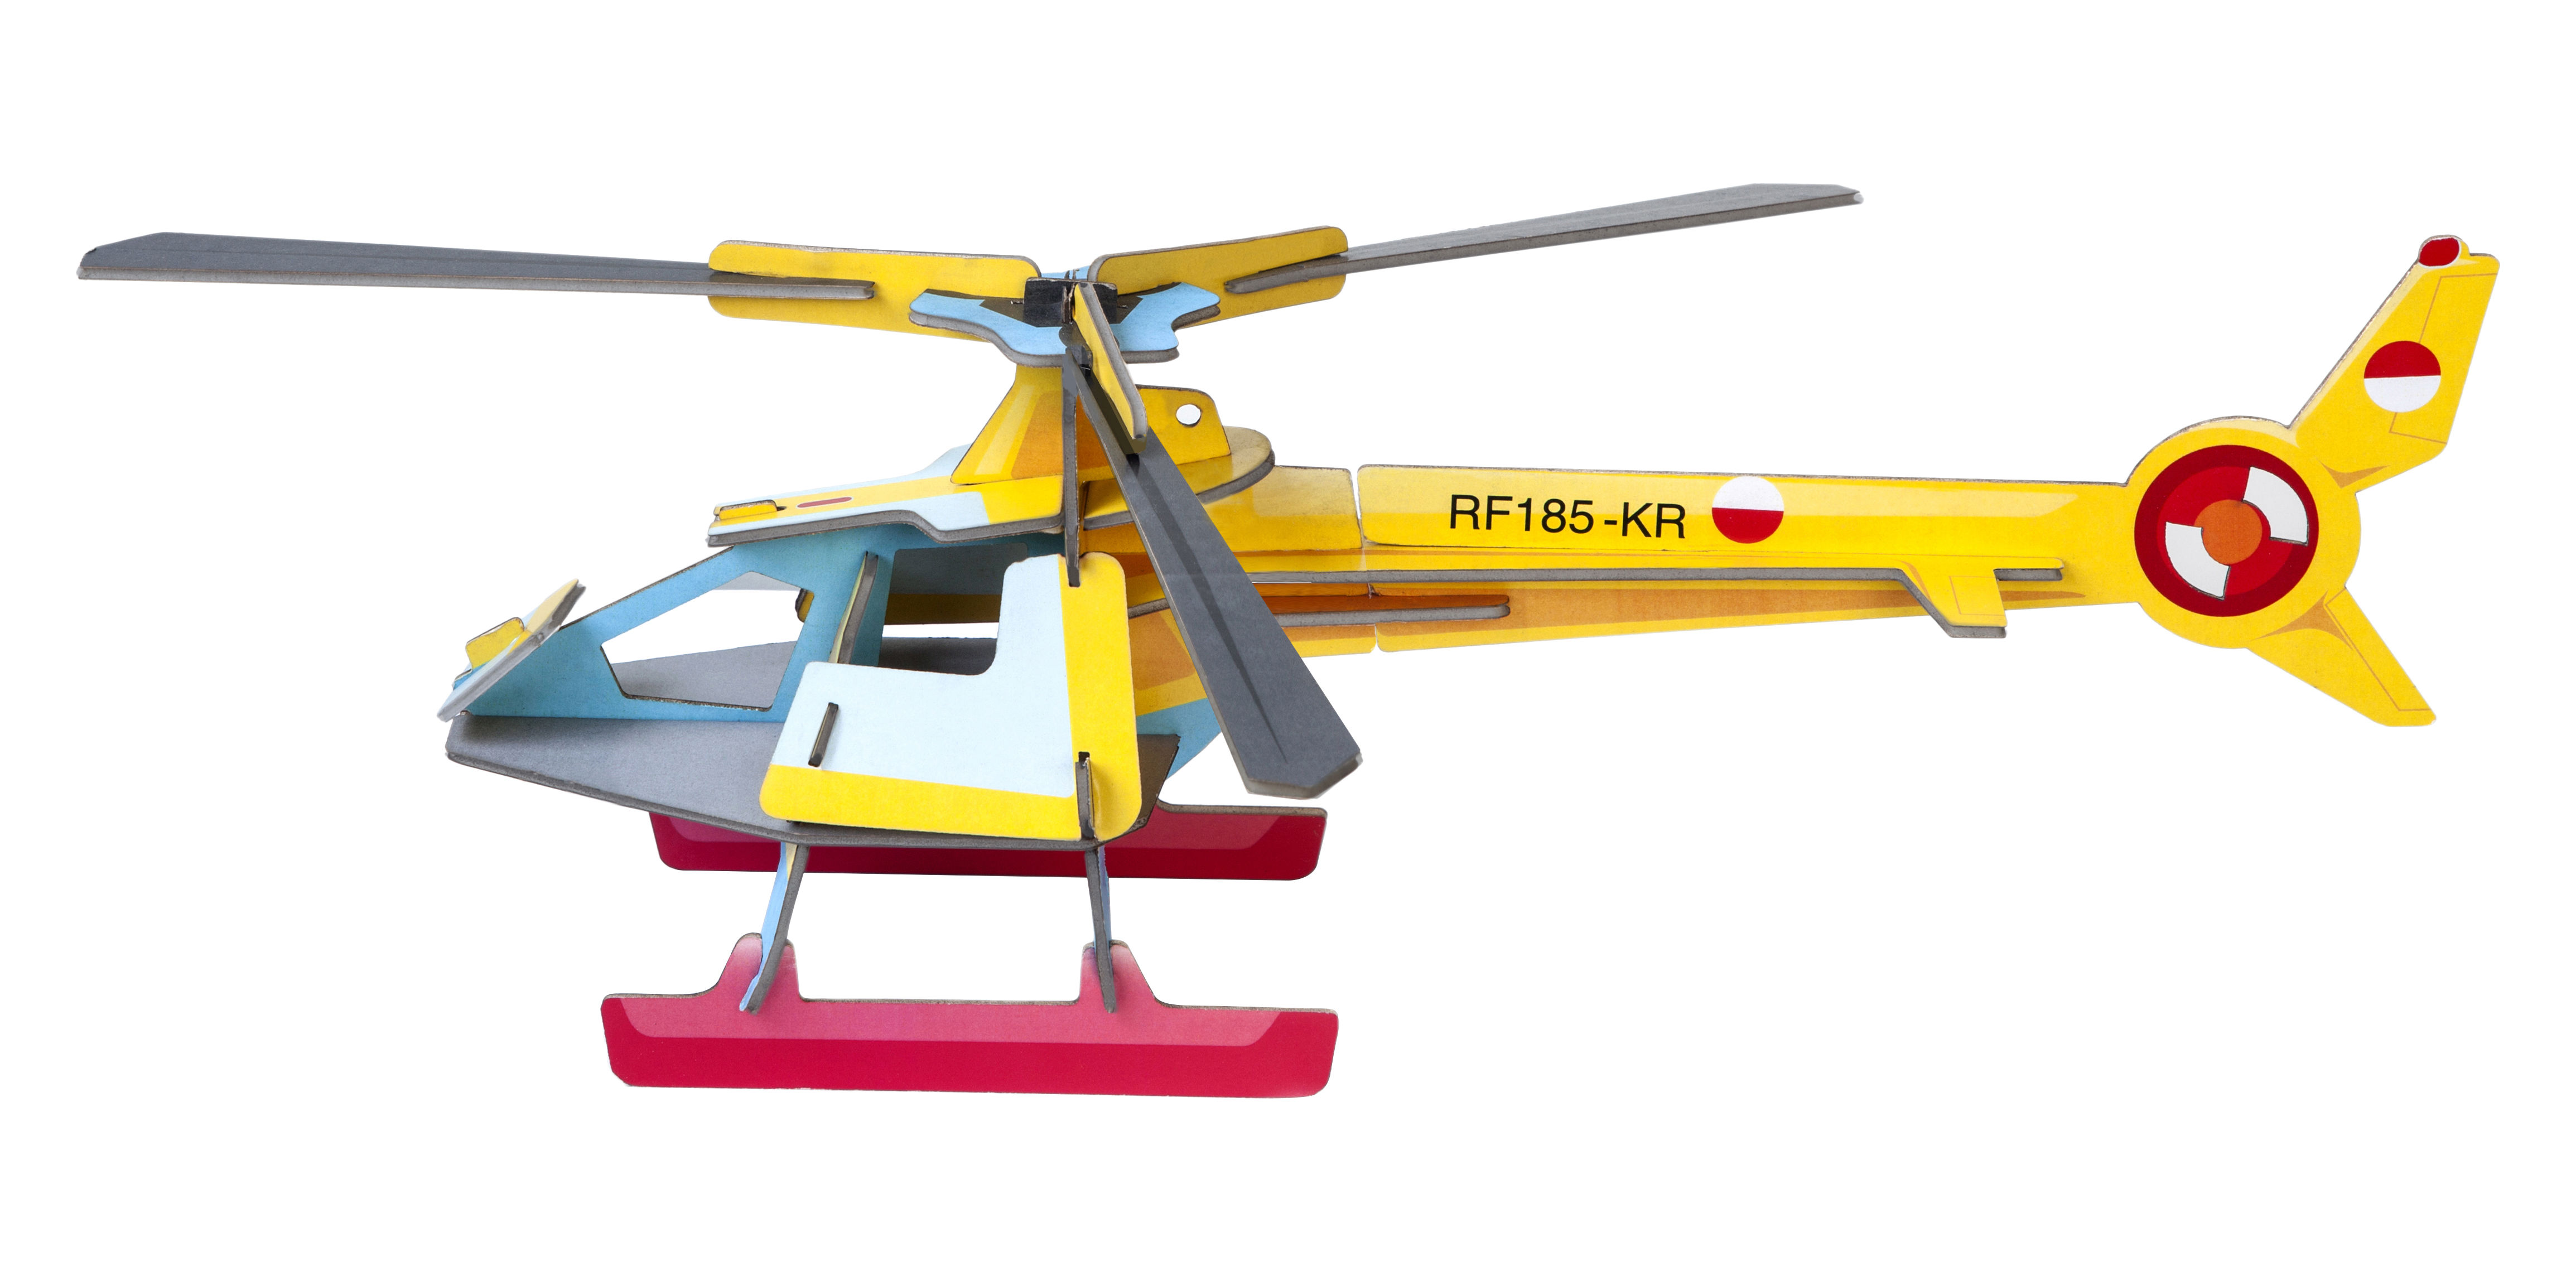 Déco - Pour les enfants - Figurine à construire Play! Hélicoptère / Carton - studio ROOF - Hélicoptère / Multicolore - Carton récyclé